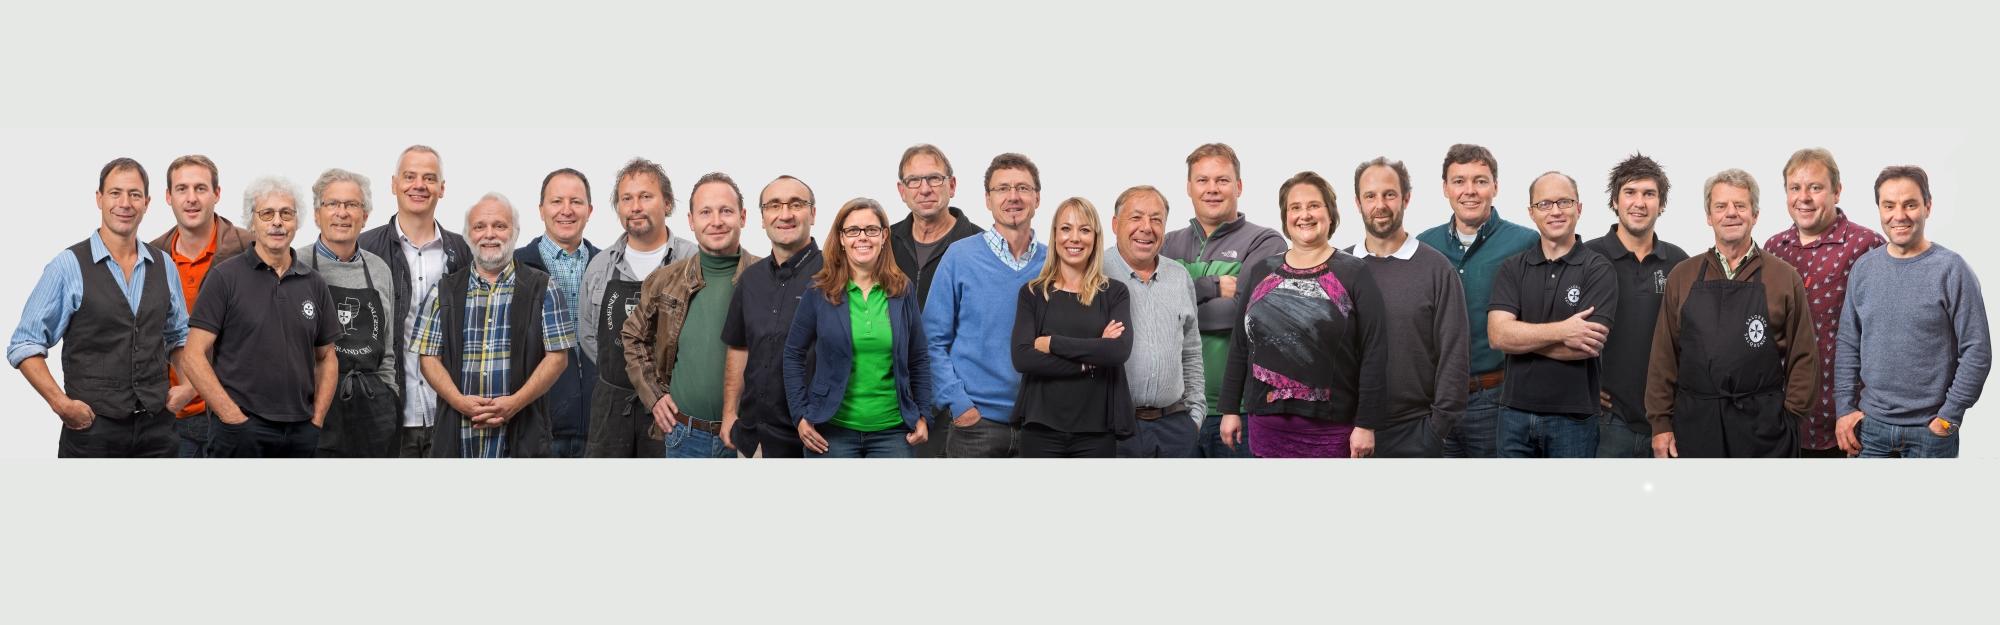 30 Jahre Grand Cru Salgesch - die Pioniere des Qualitaetsweinbaus in der Schweiz feiern!